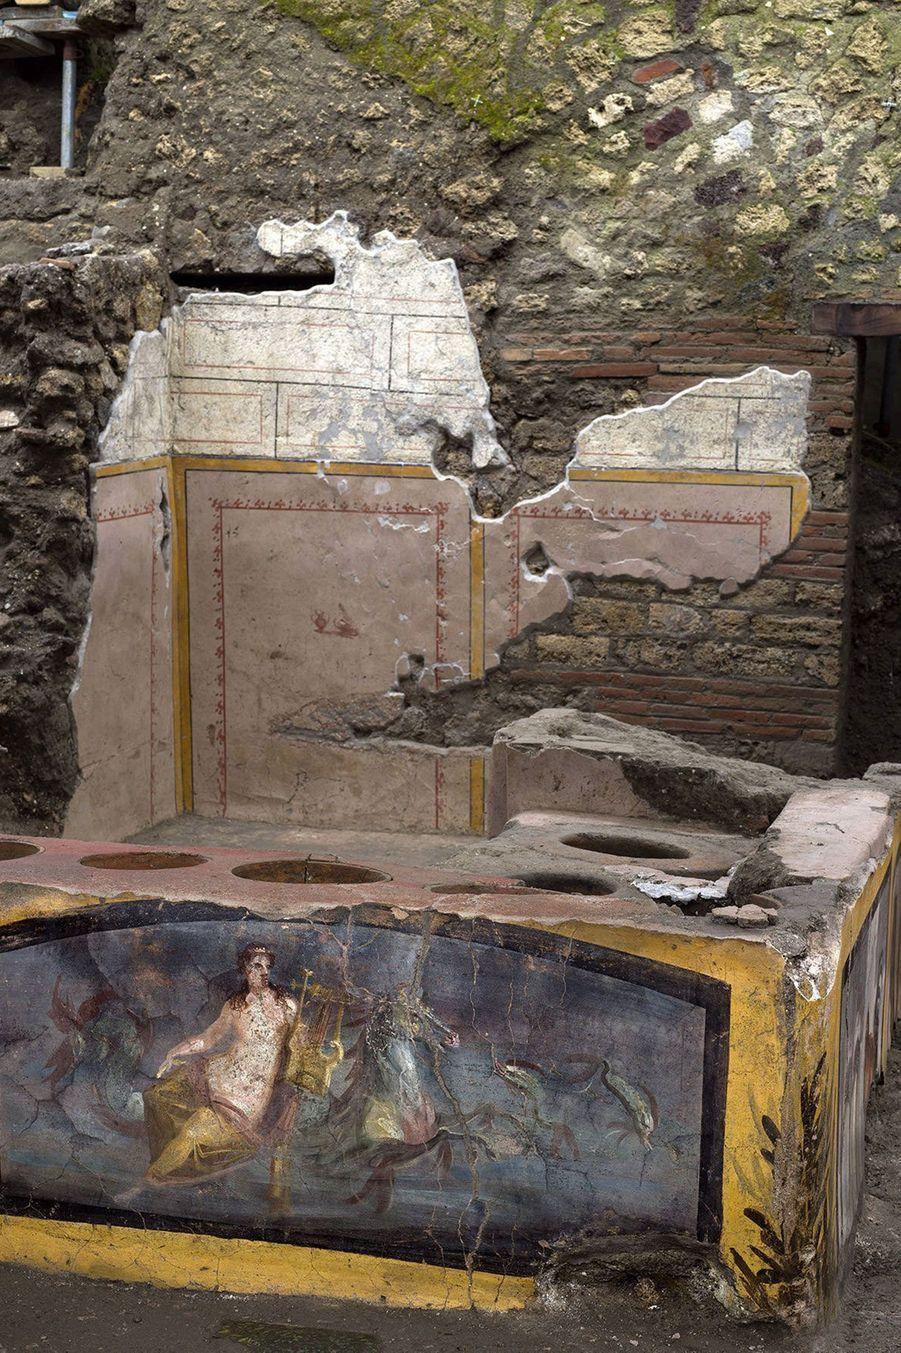 Le comptoir figé par la cendre volcanique avait été en partie exhumé en 2019 mais les travaux ont été étendus pour préserver au mieux l'intégralité de l'emplacement.